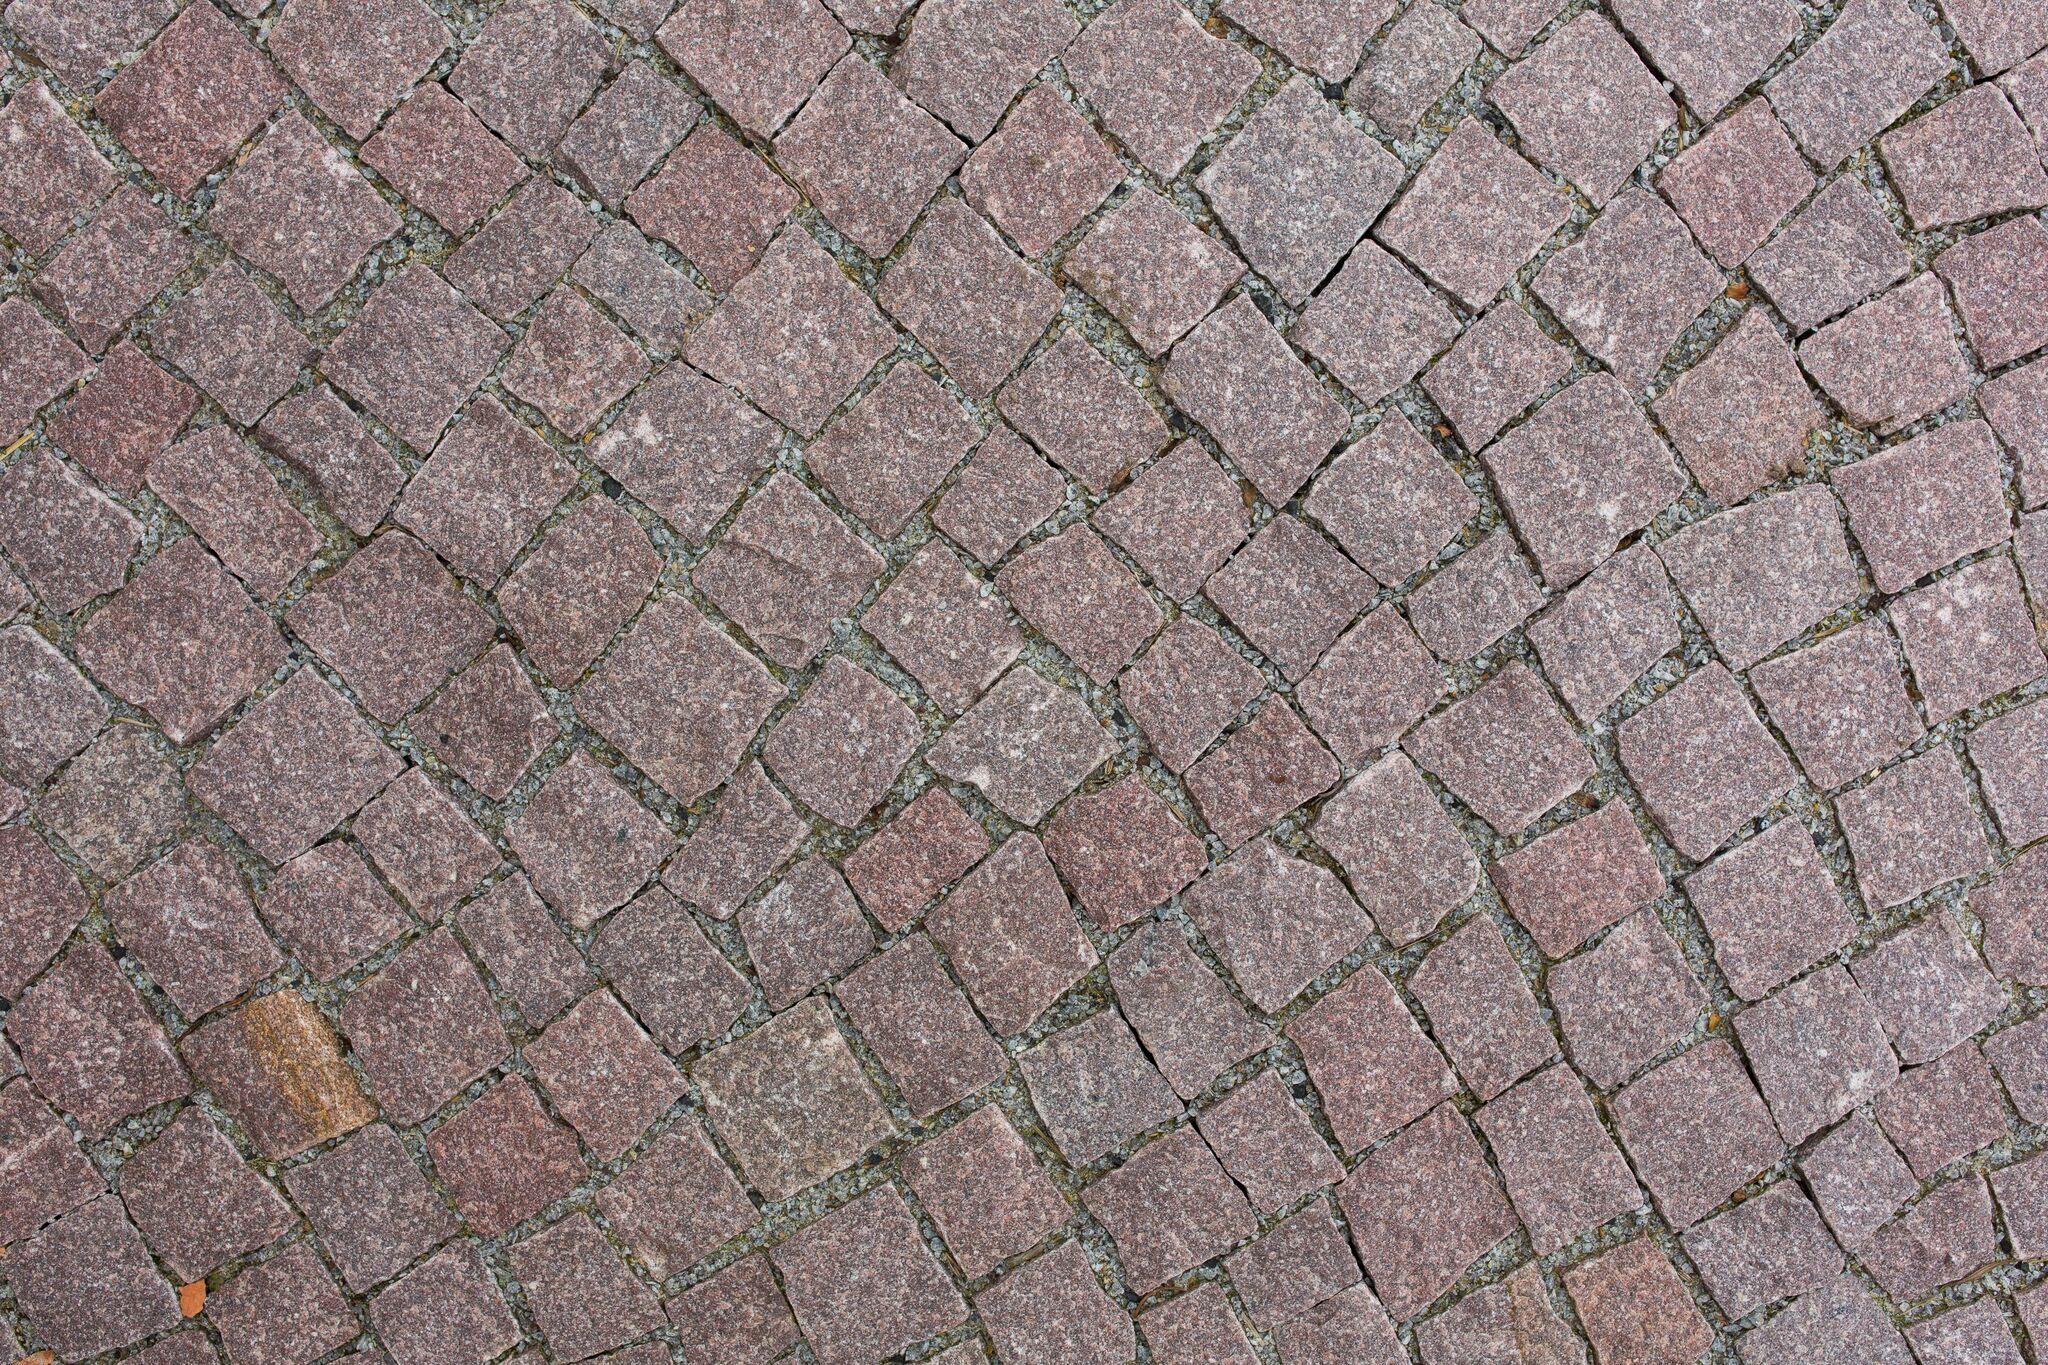 granit mosaikpflaster rötlich 4-6 cm gespalten